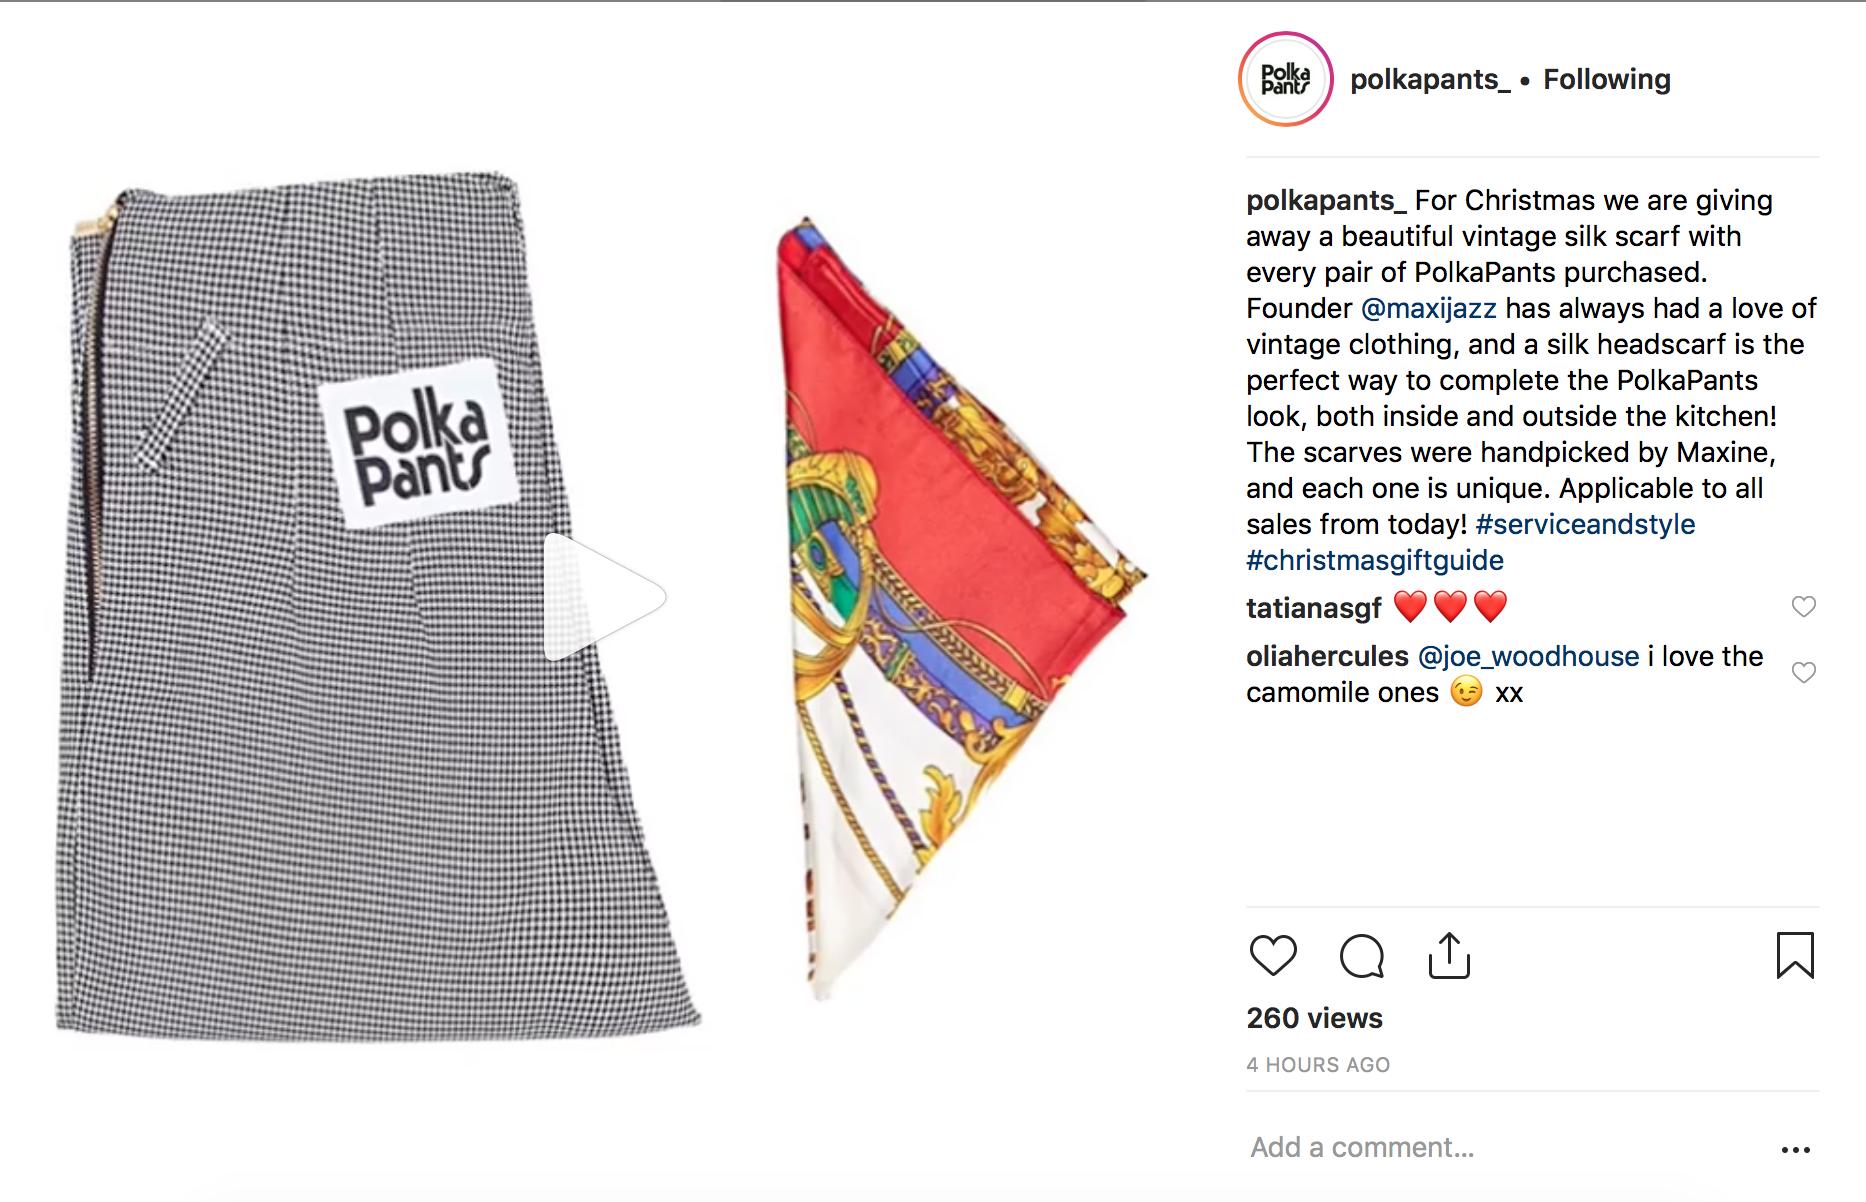 Polka Pants Holiday Gifting Promo for 2018.